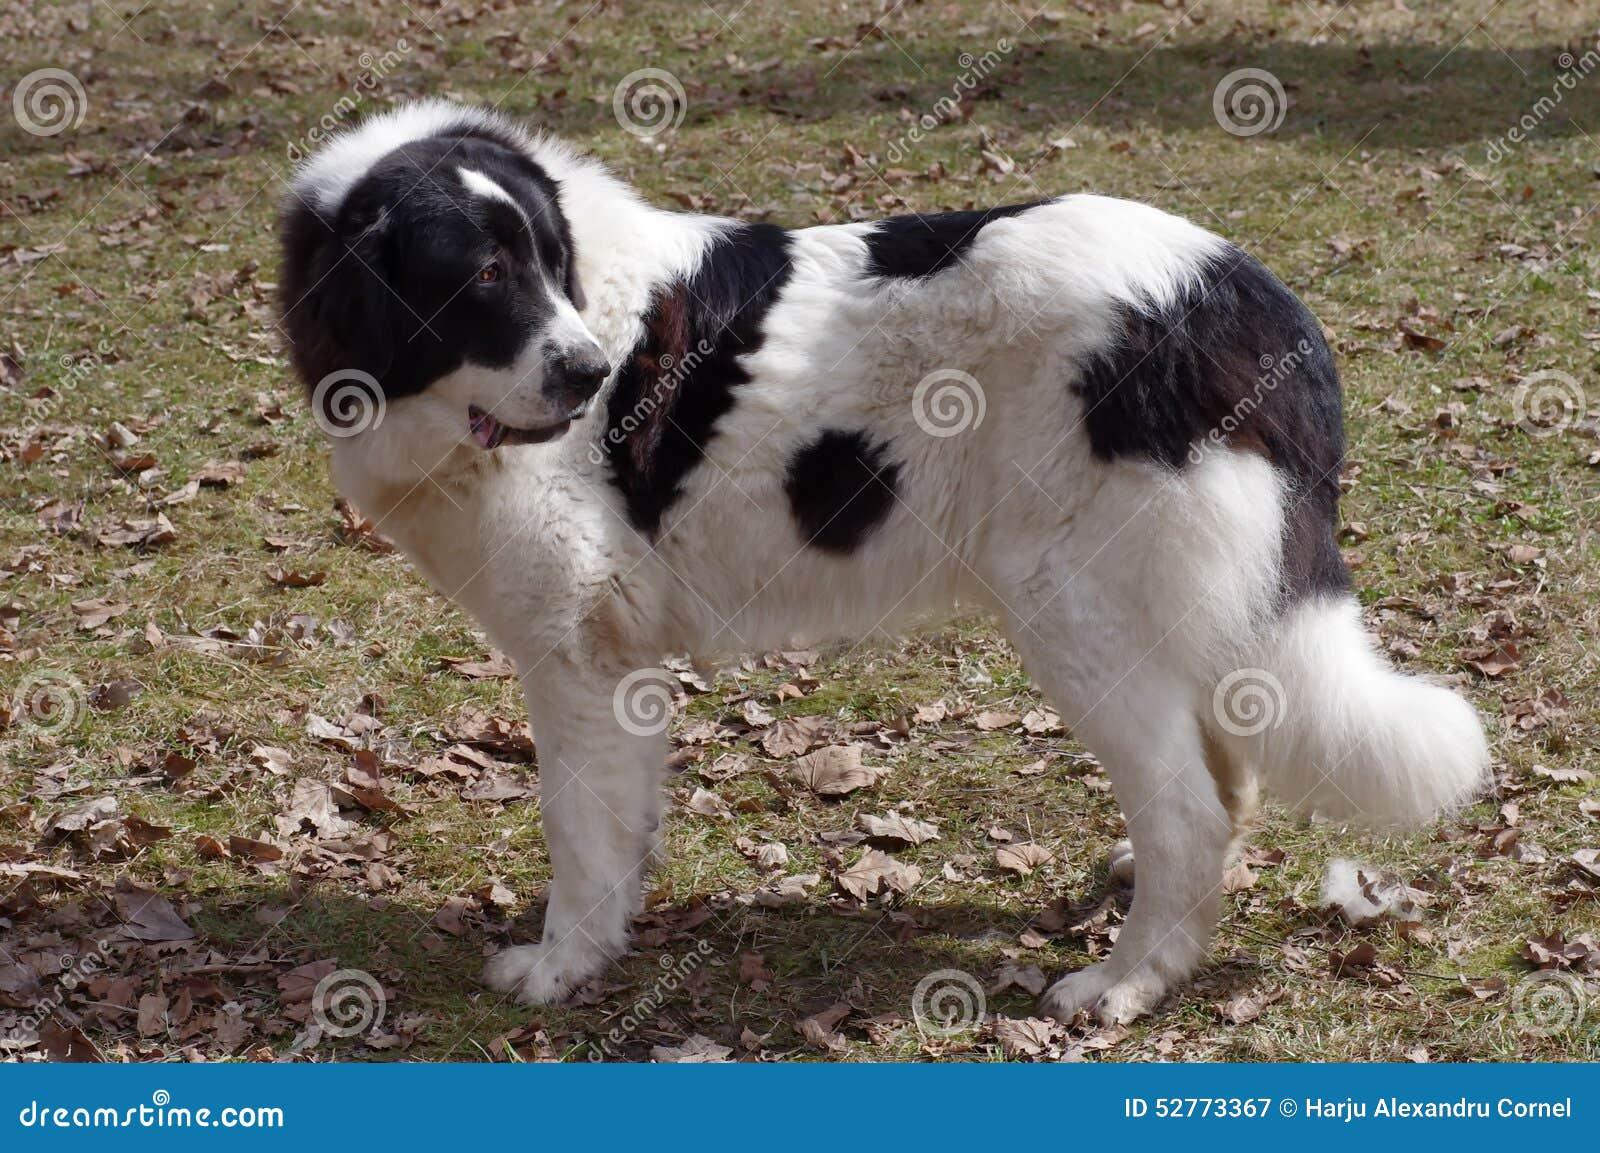 Bucovina Shepherd Dog Stock Photo Image 52773367